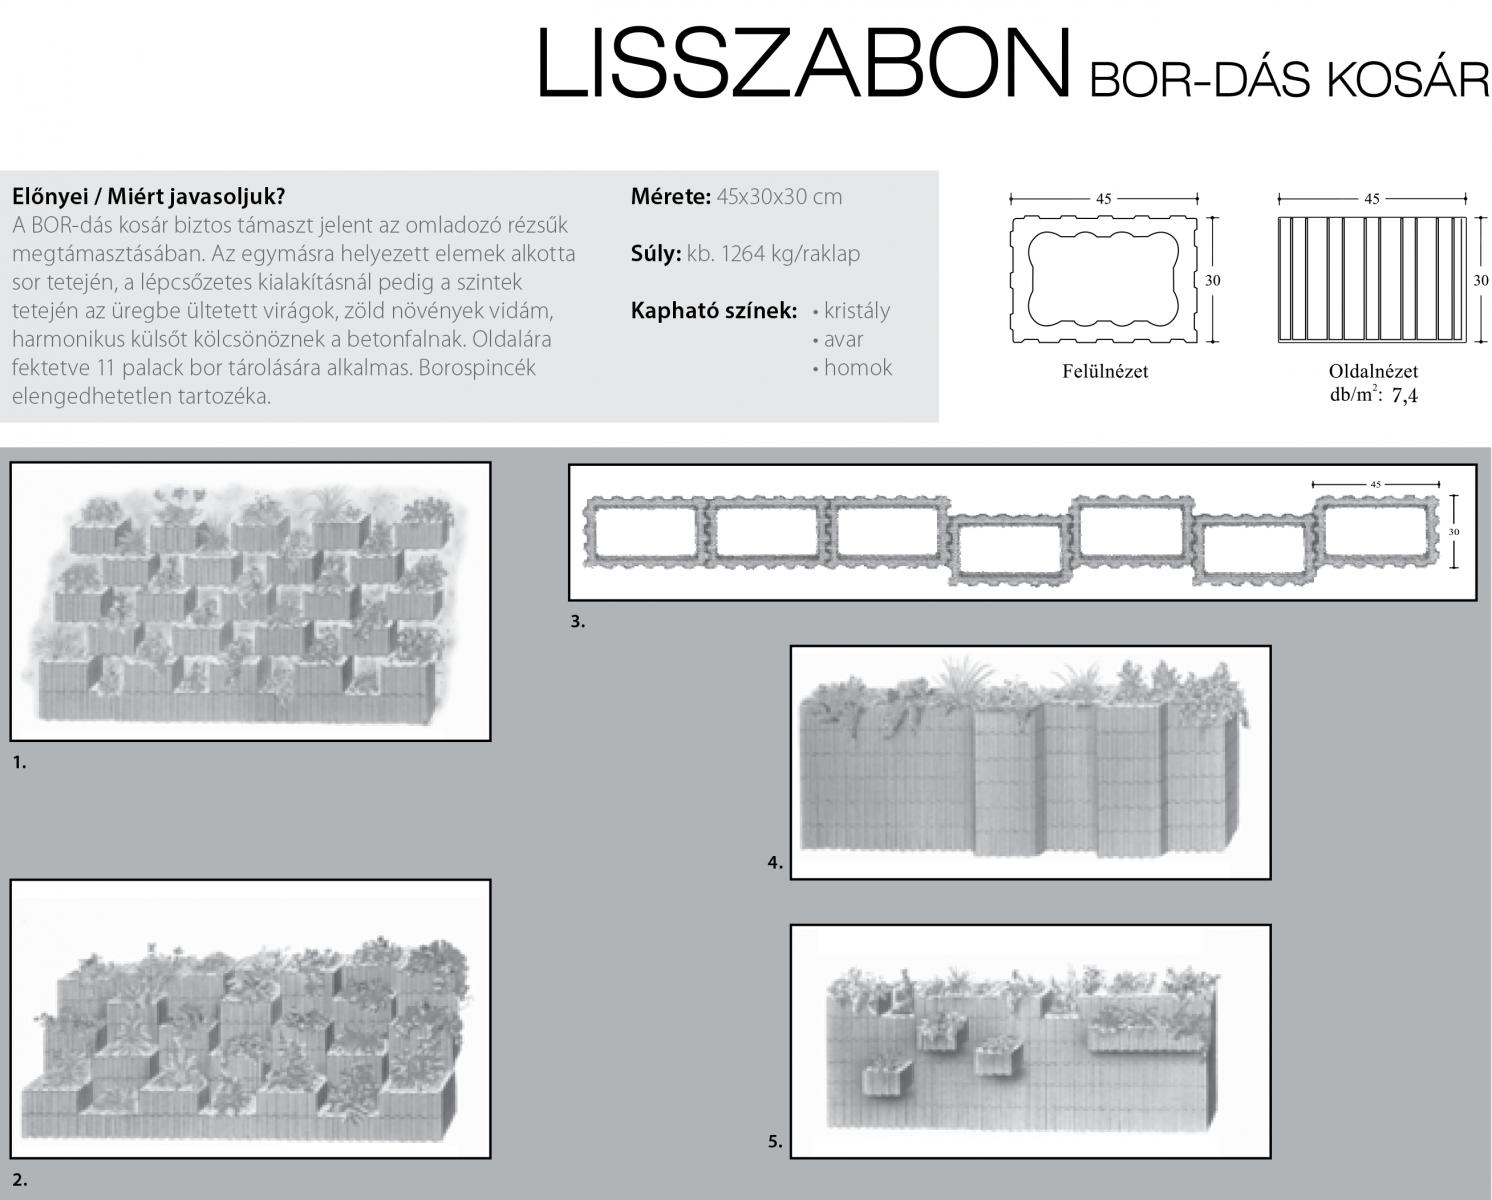 Lisszabon Bor-dás kosár technikai információi